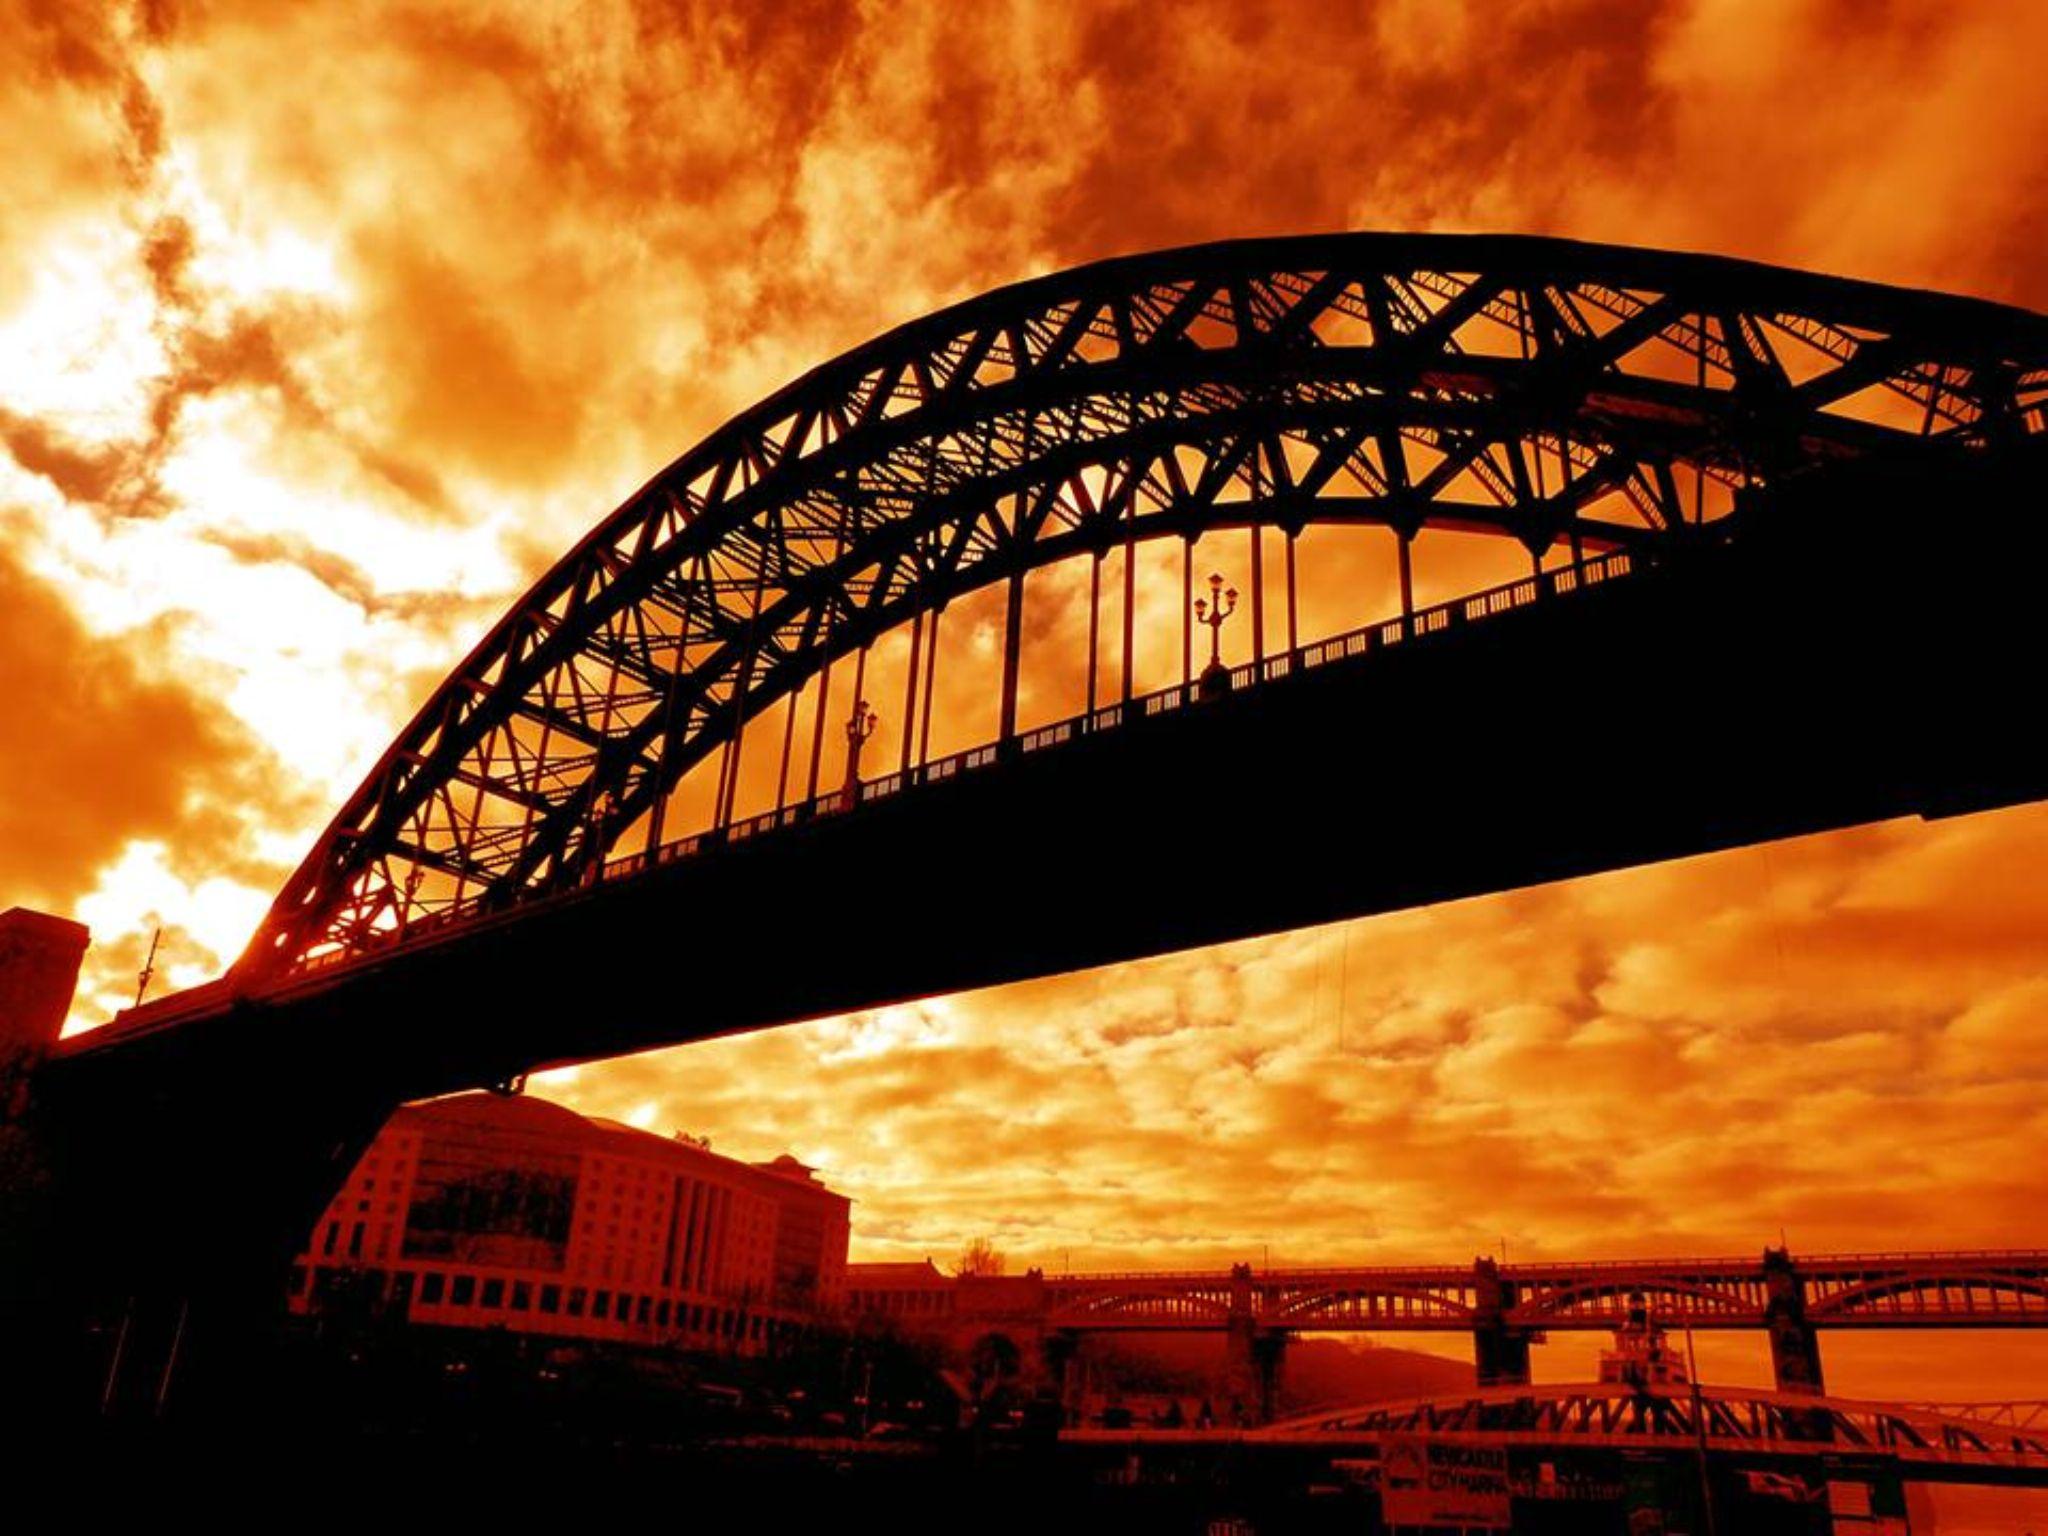 Fiery Sky over the Tyne by Darren Turner